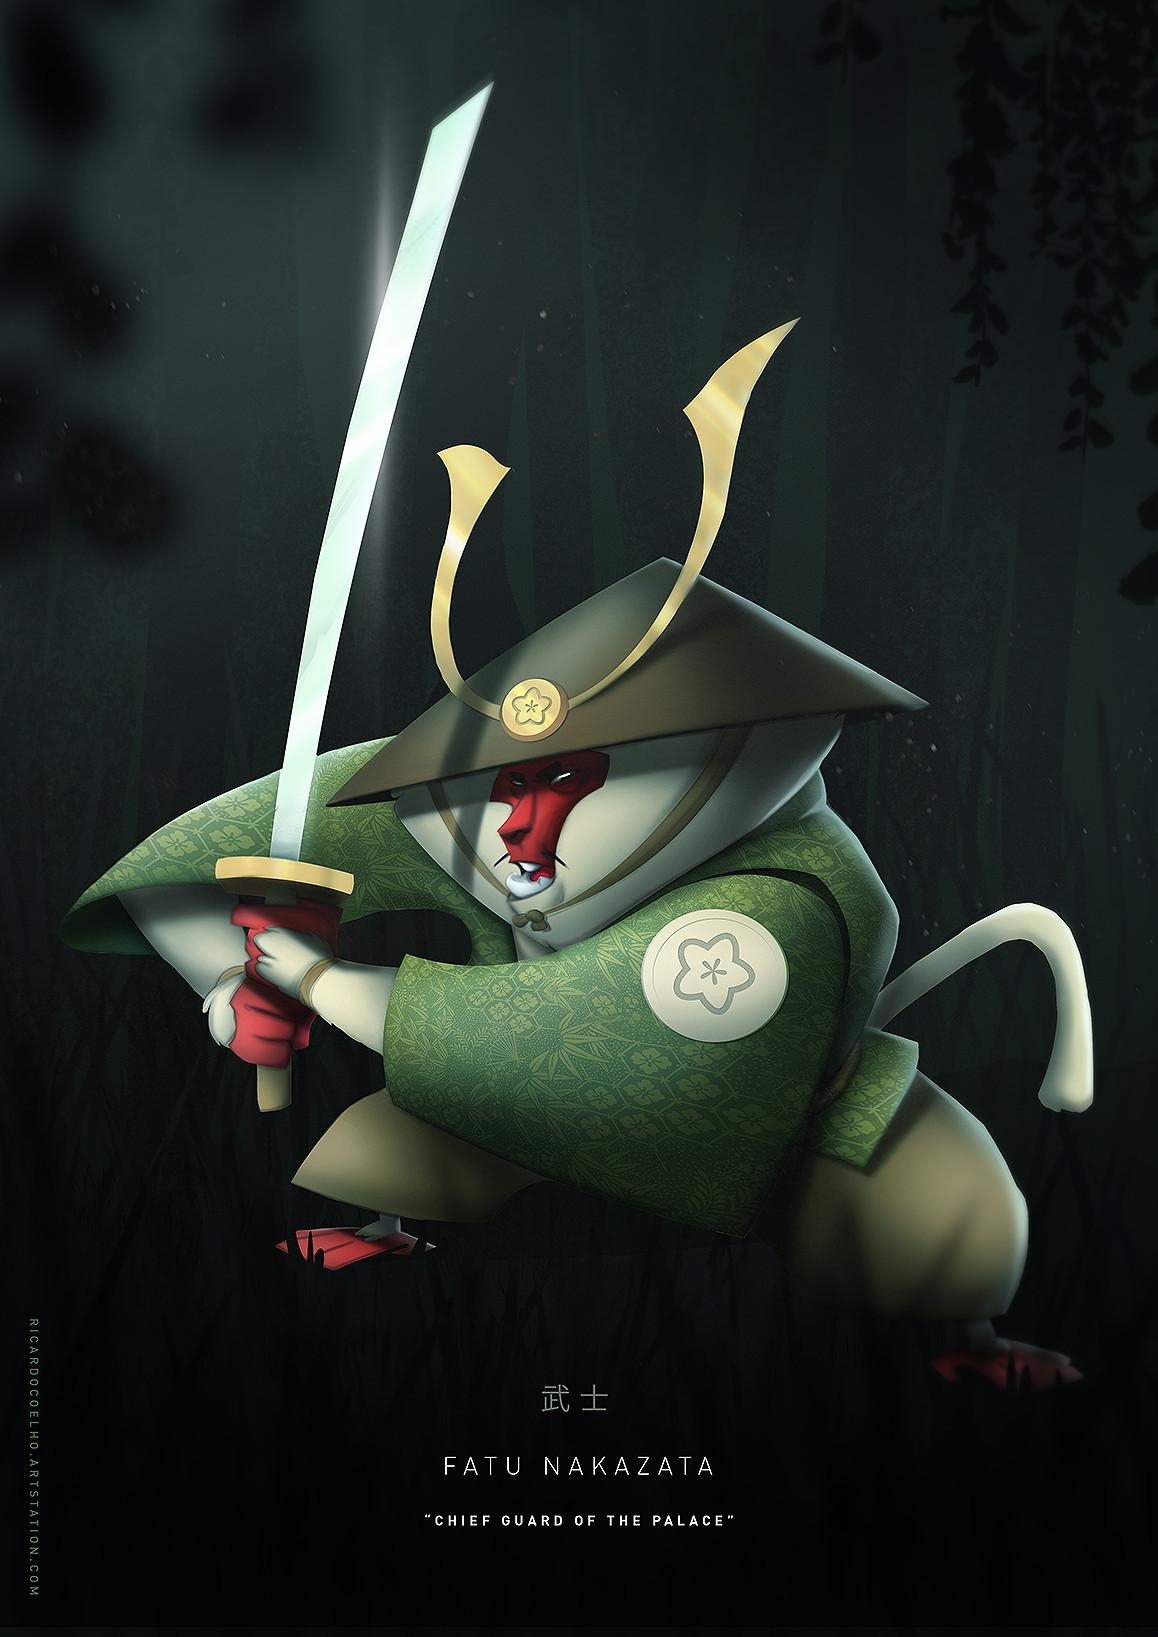 Samurai - Fatu Nakazata by RicardoCoelhoArt